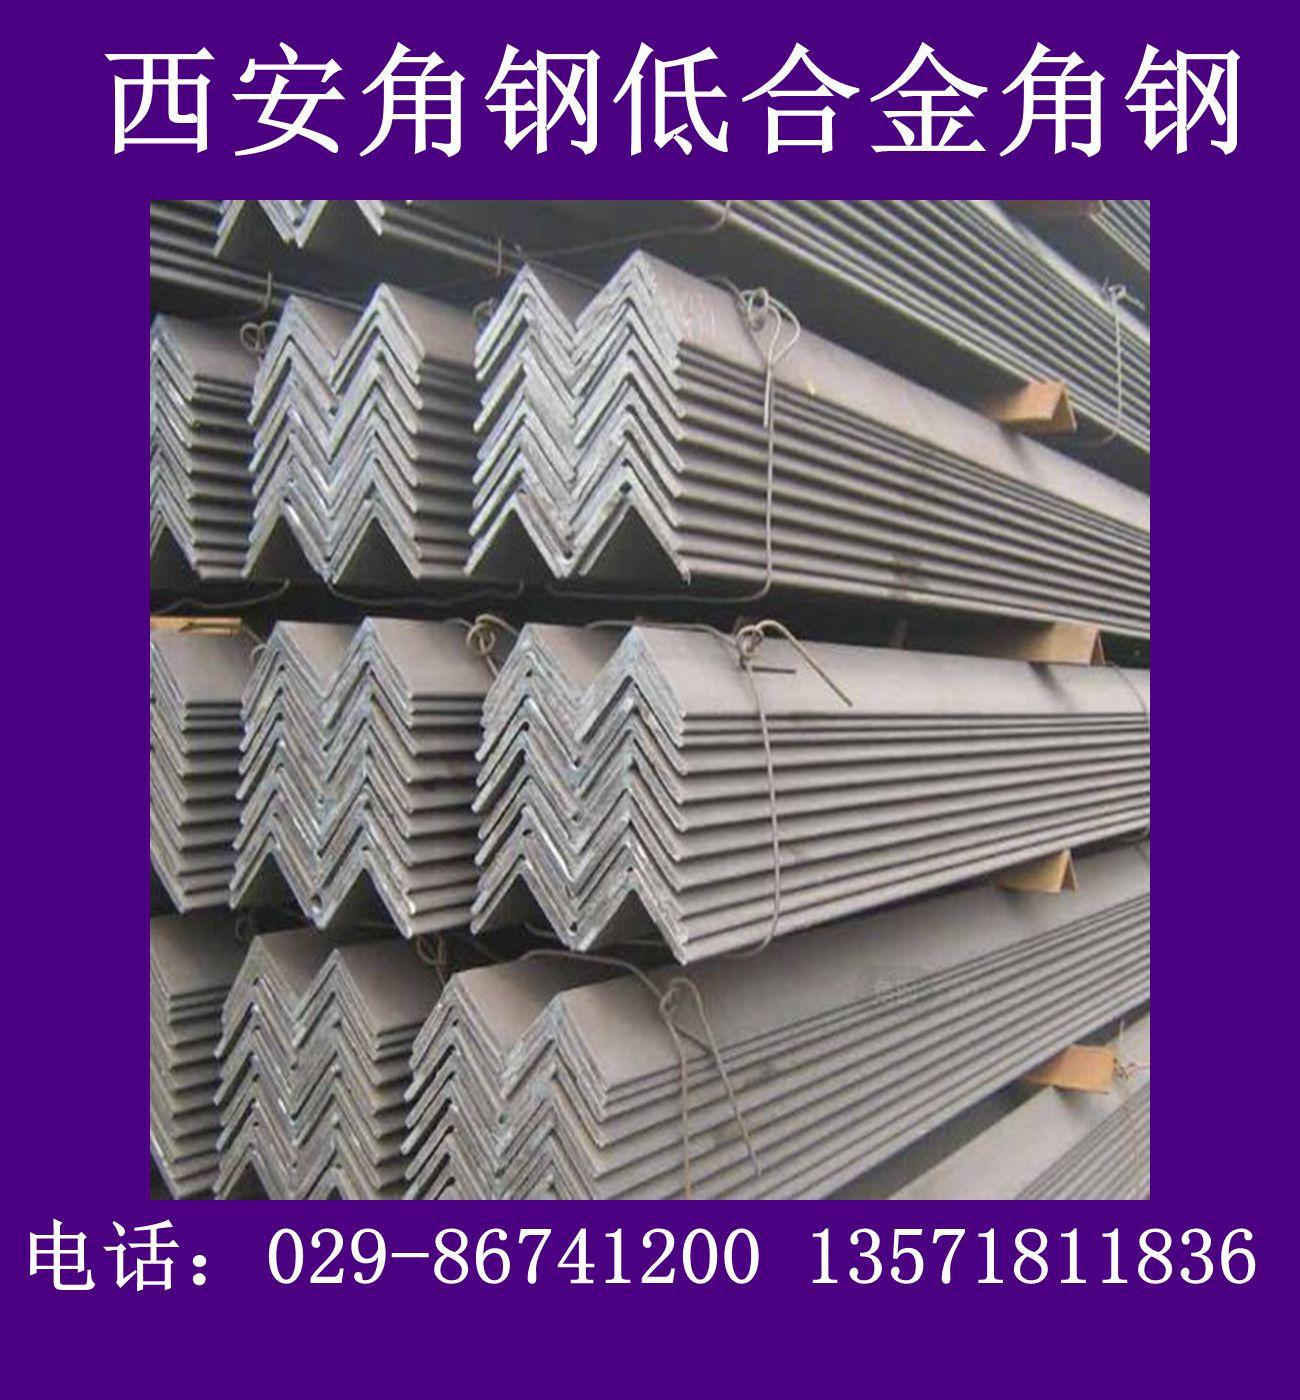 哈密角钢哈密镀锌角钢低合金角钢16Mn角钢厂家直销